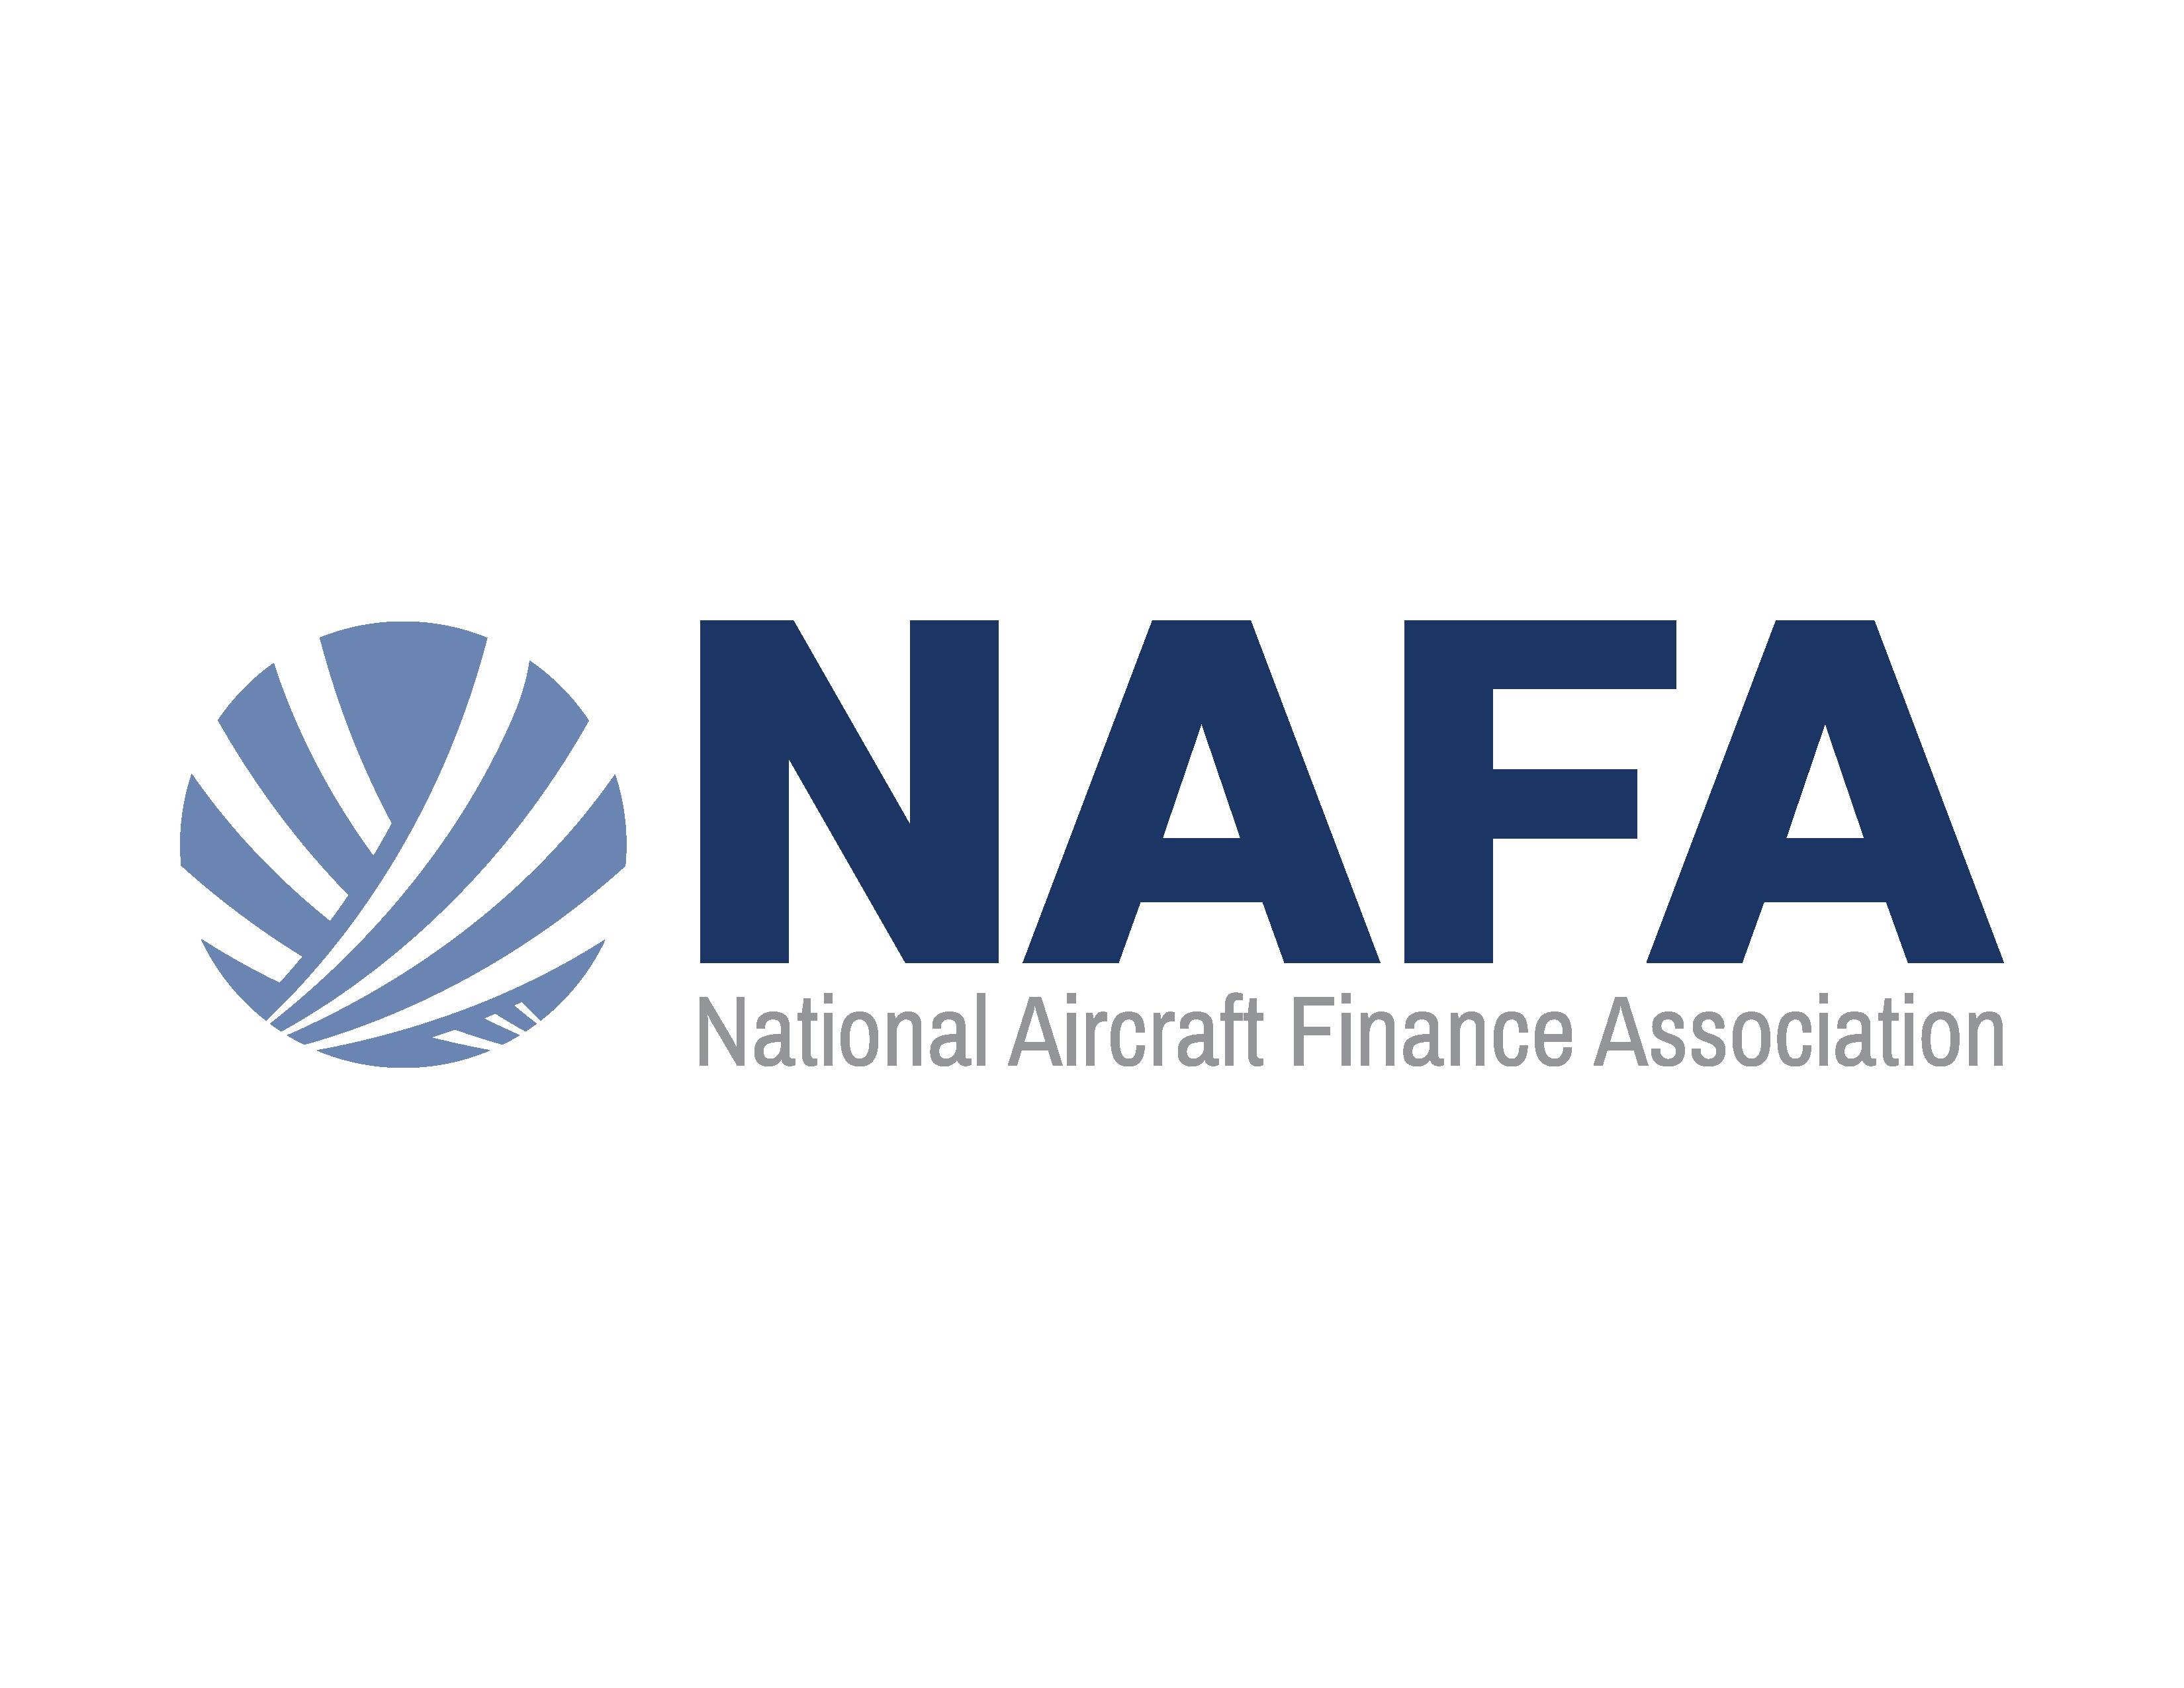 Member of NAFA